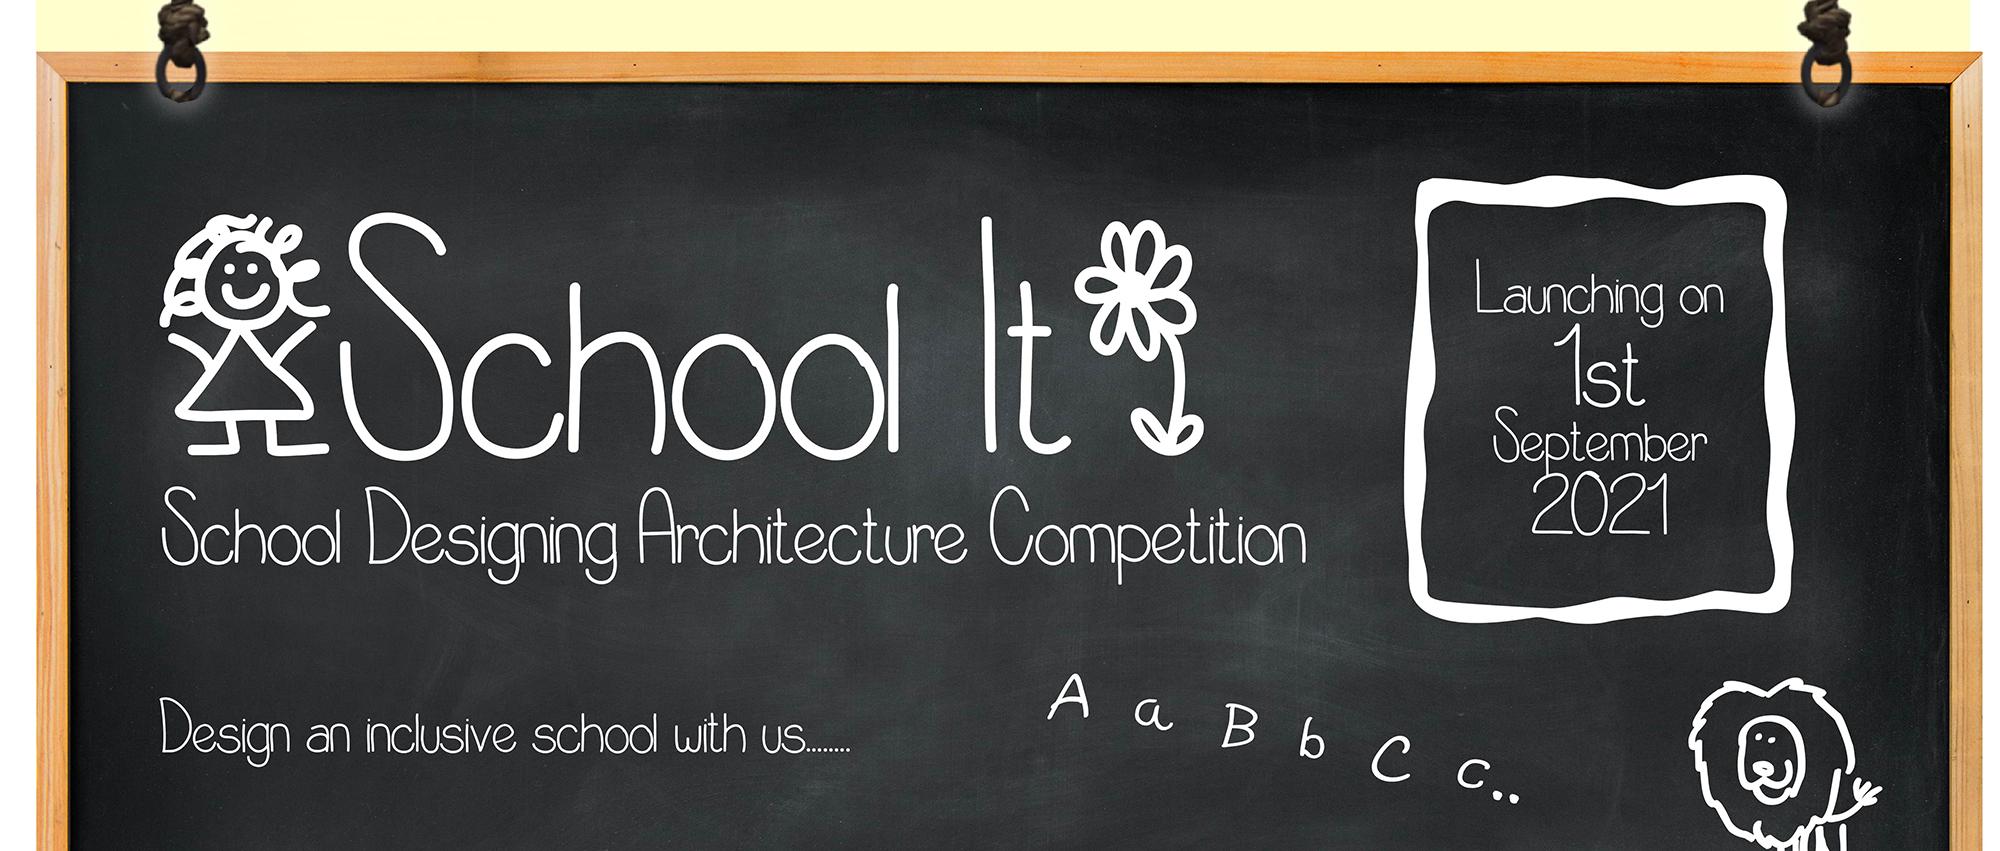 SCHOOL IT 全纳式教育学校设计竞赛